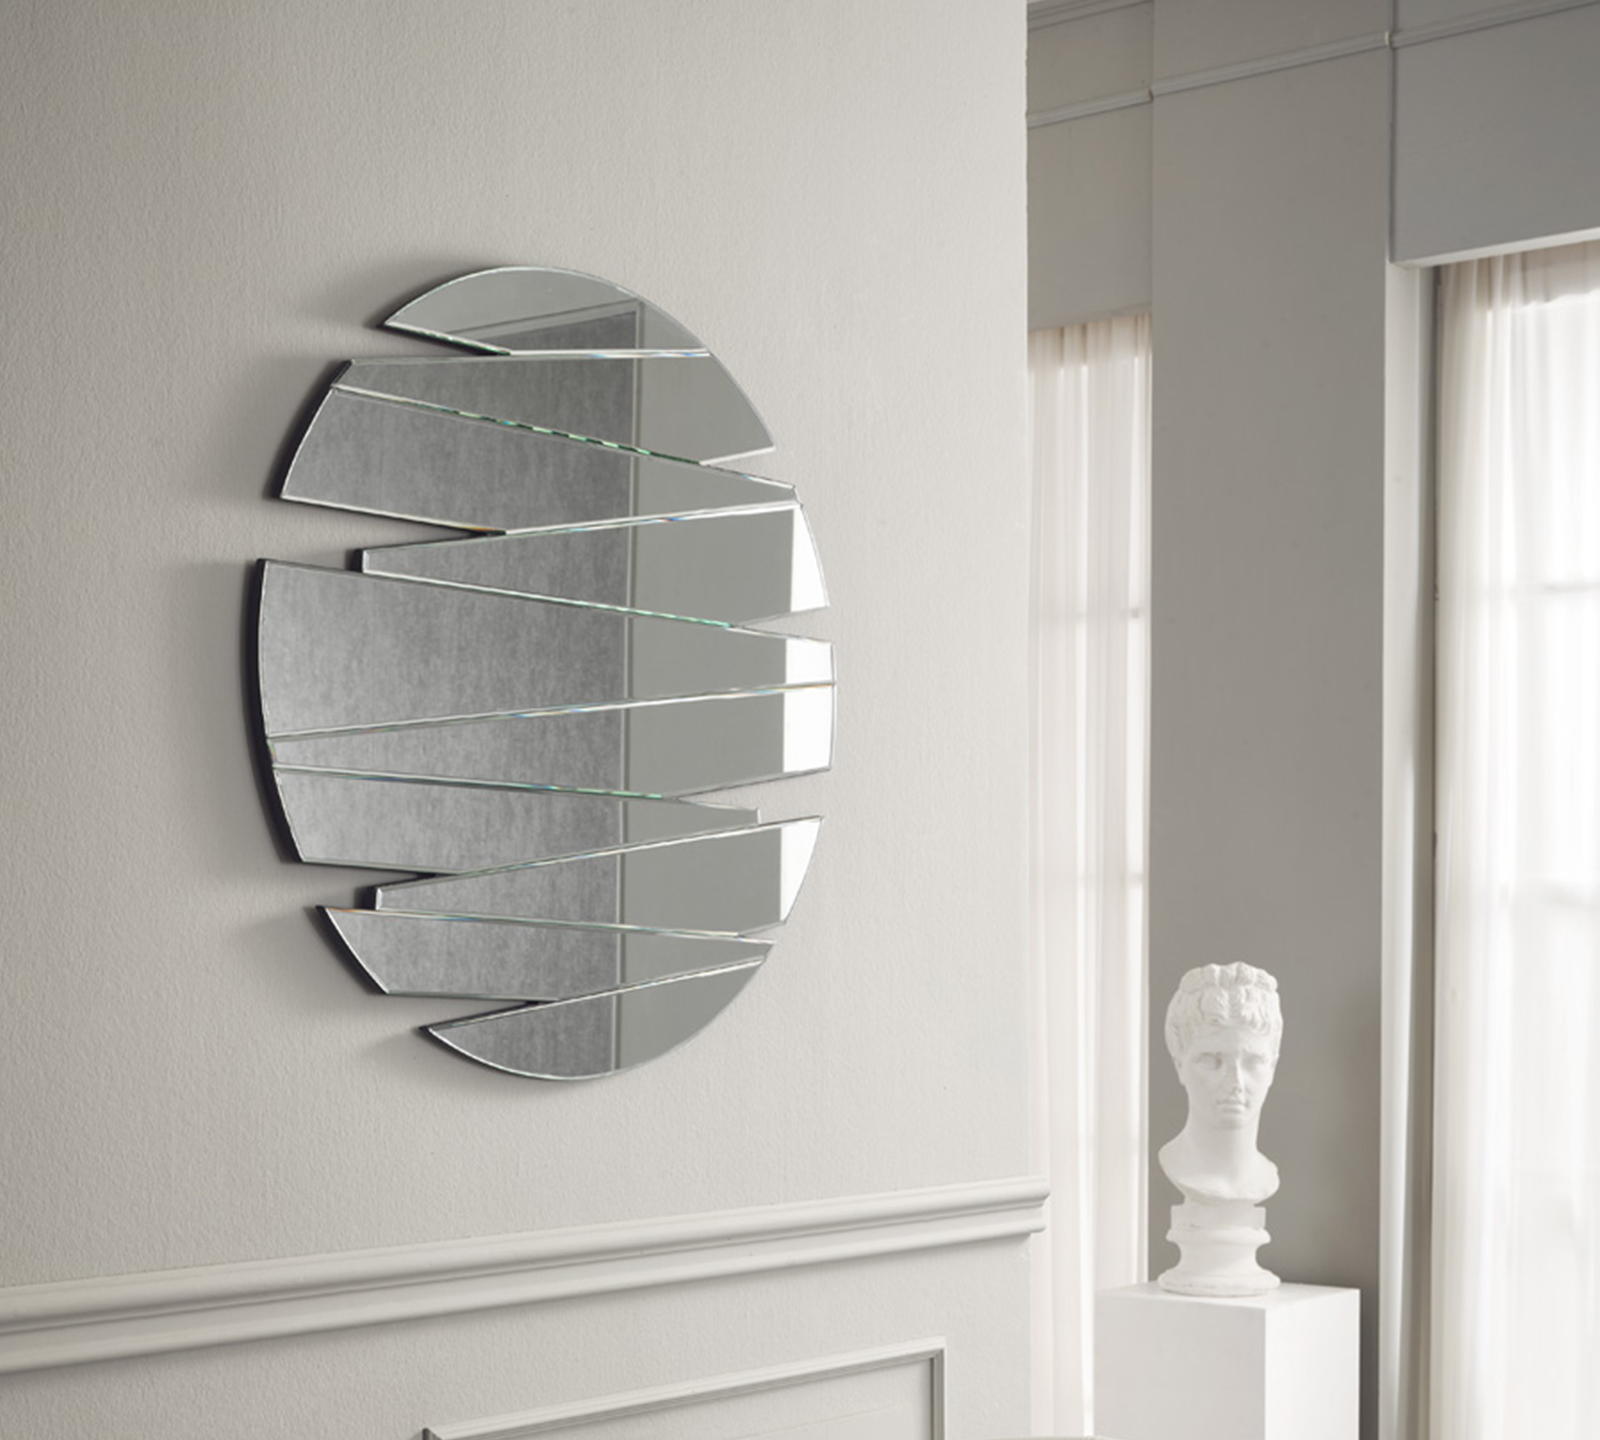 Specchio sp 021 duzzle - Specchi da parete amazon ...